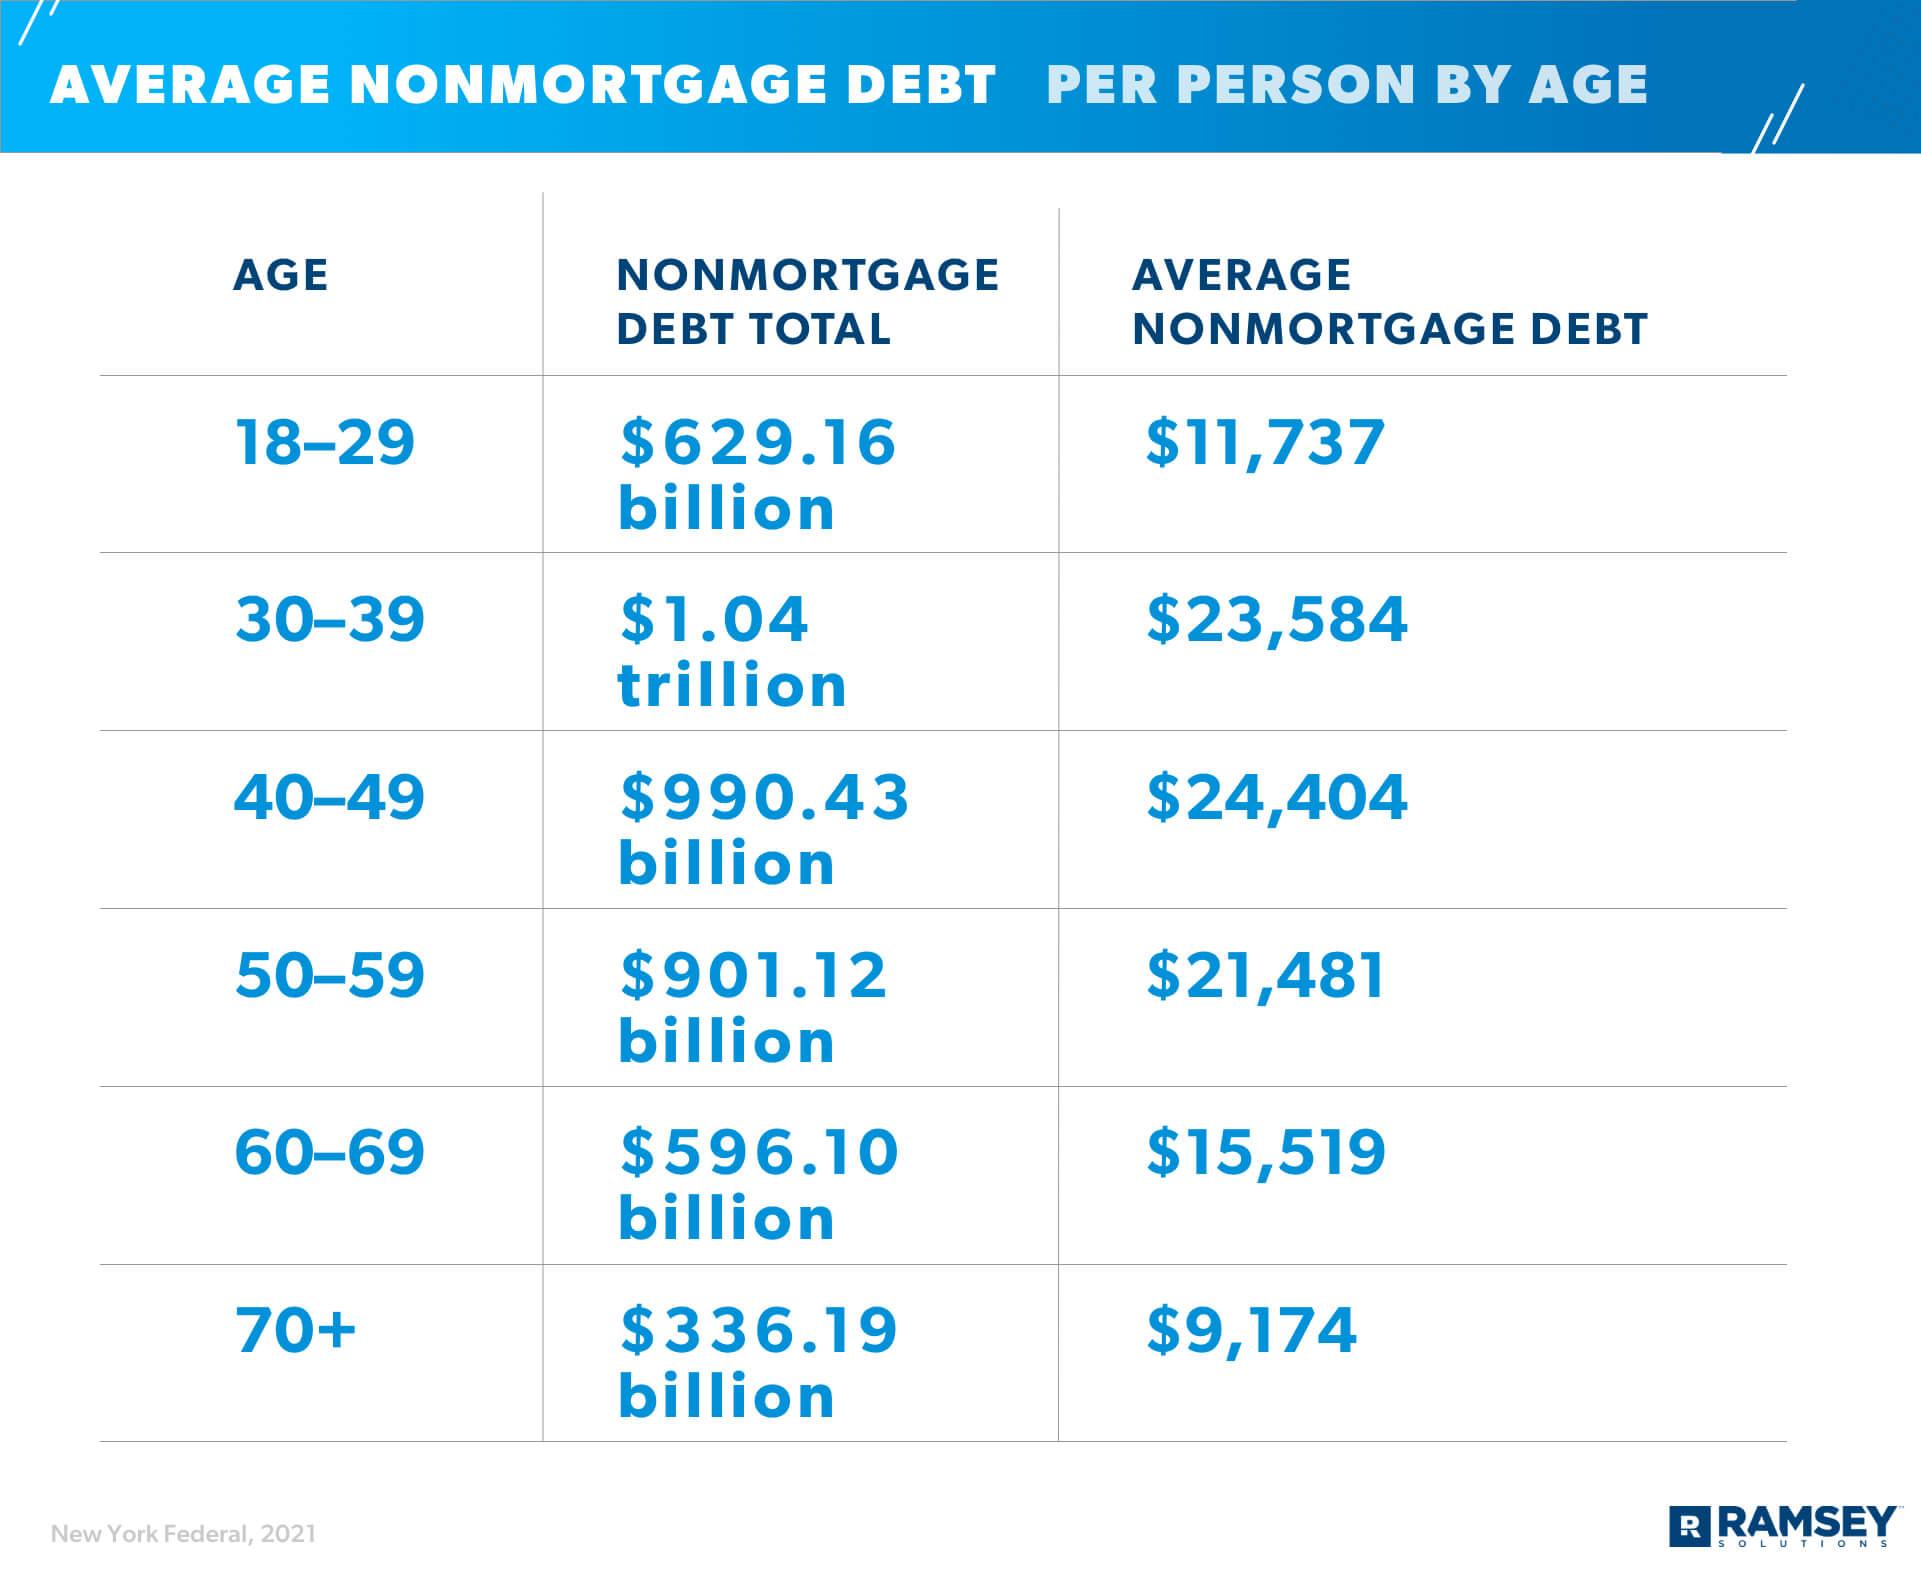 Average Non-mortgage Debt Per Person By Age